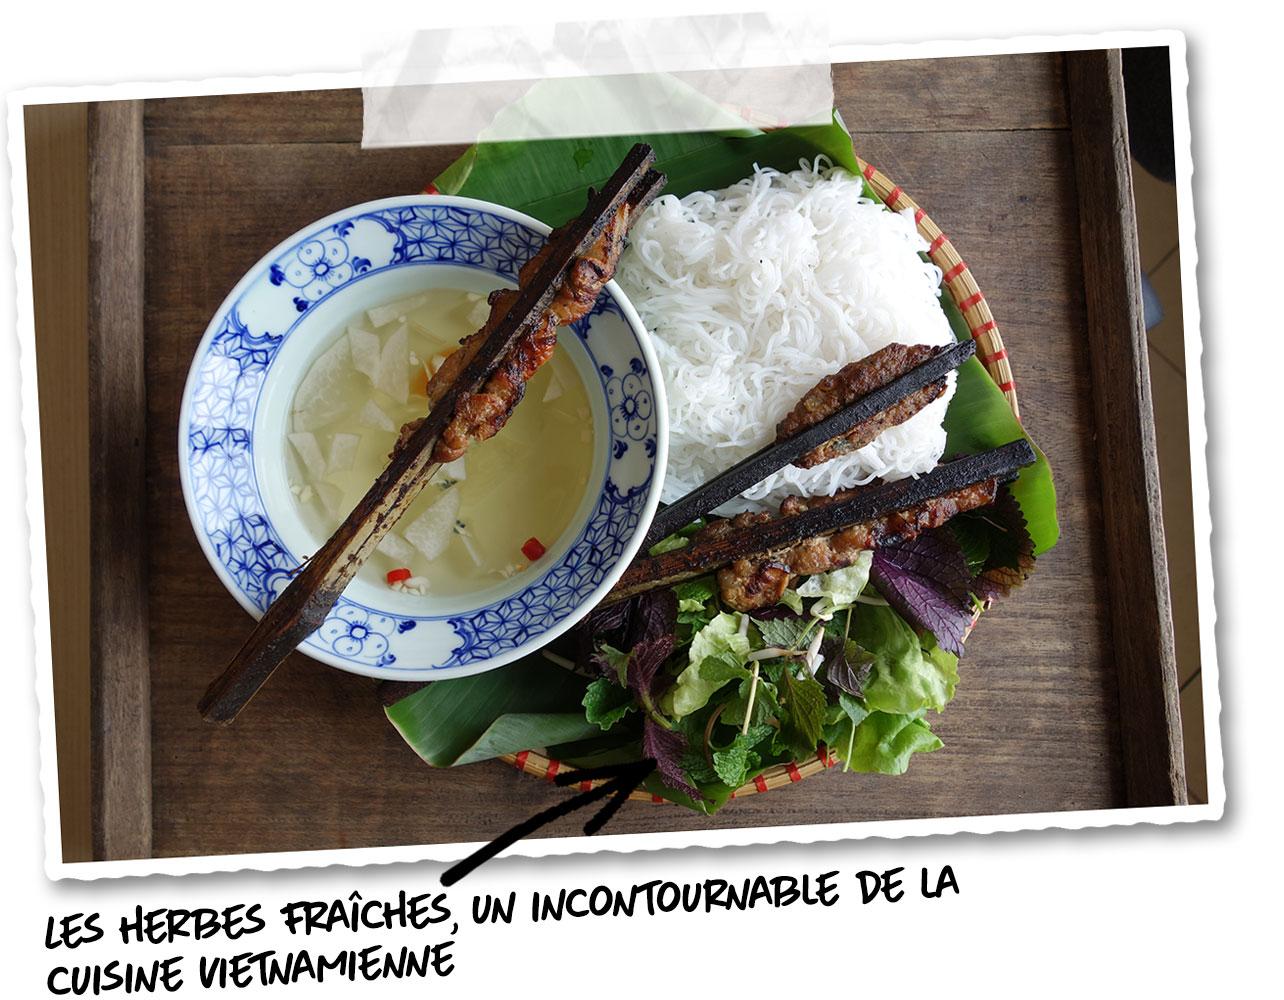 Les herbes aromatiques du Vietnam